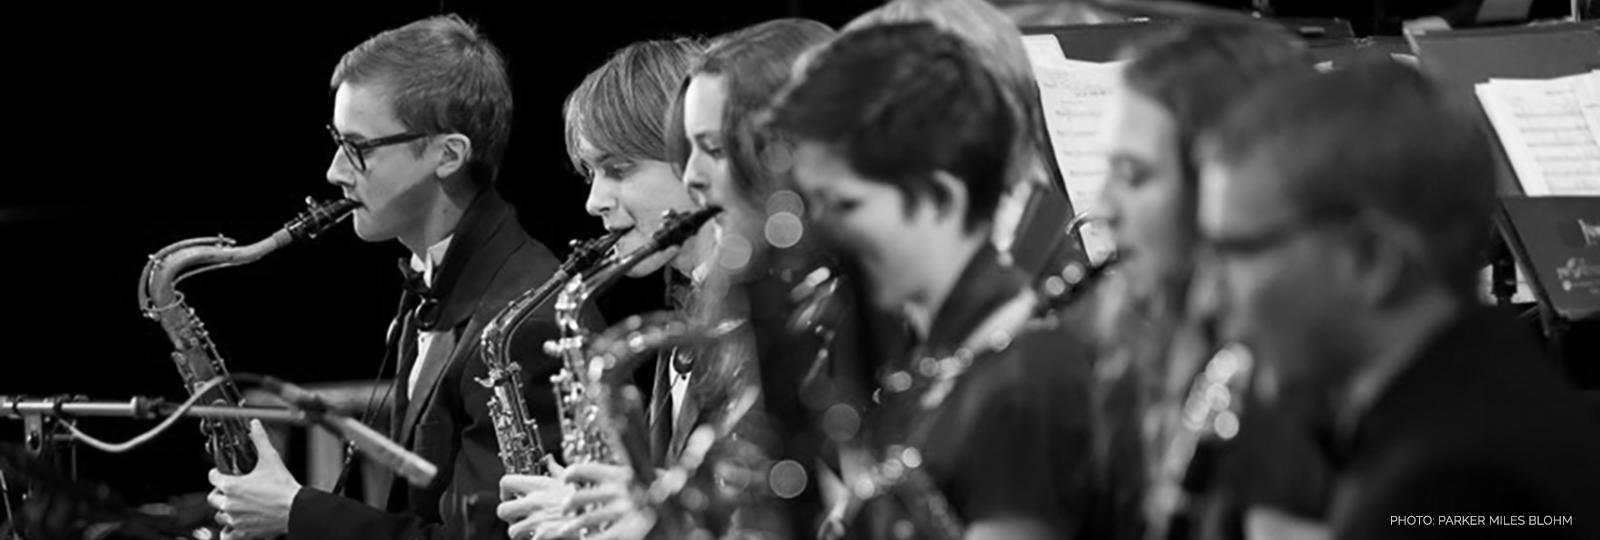 EWHS Jazz photo by Parker Miles Blohm